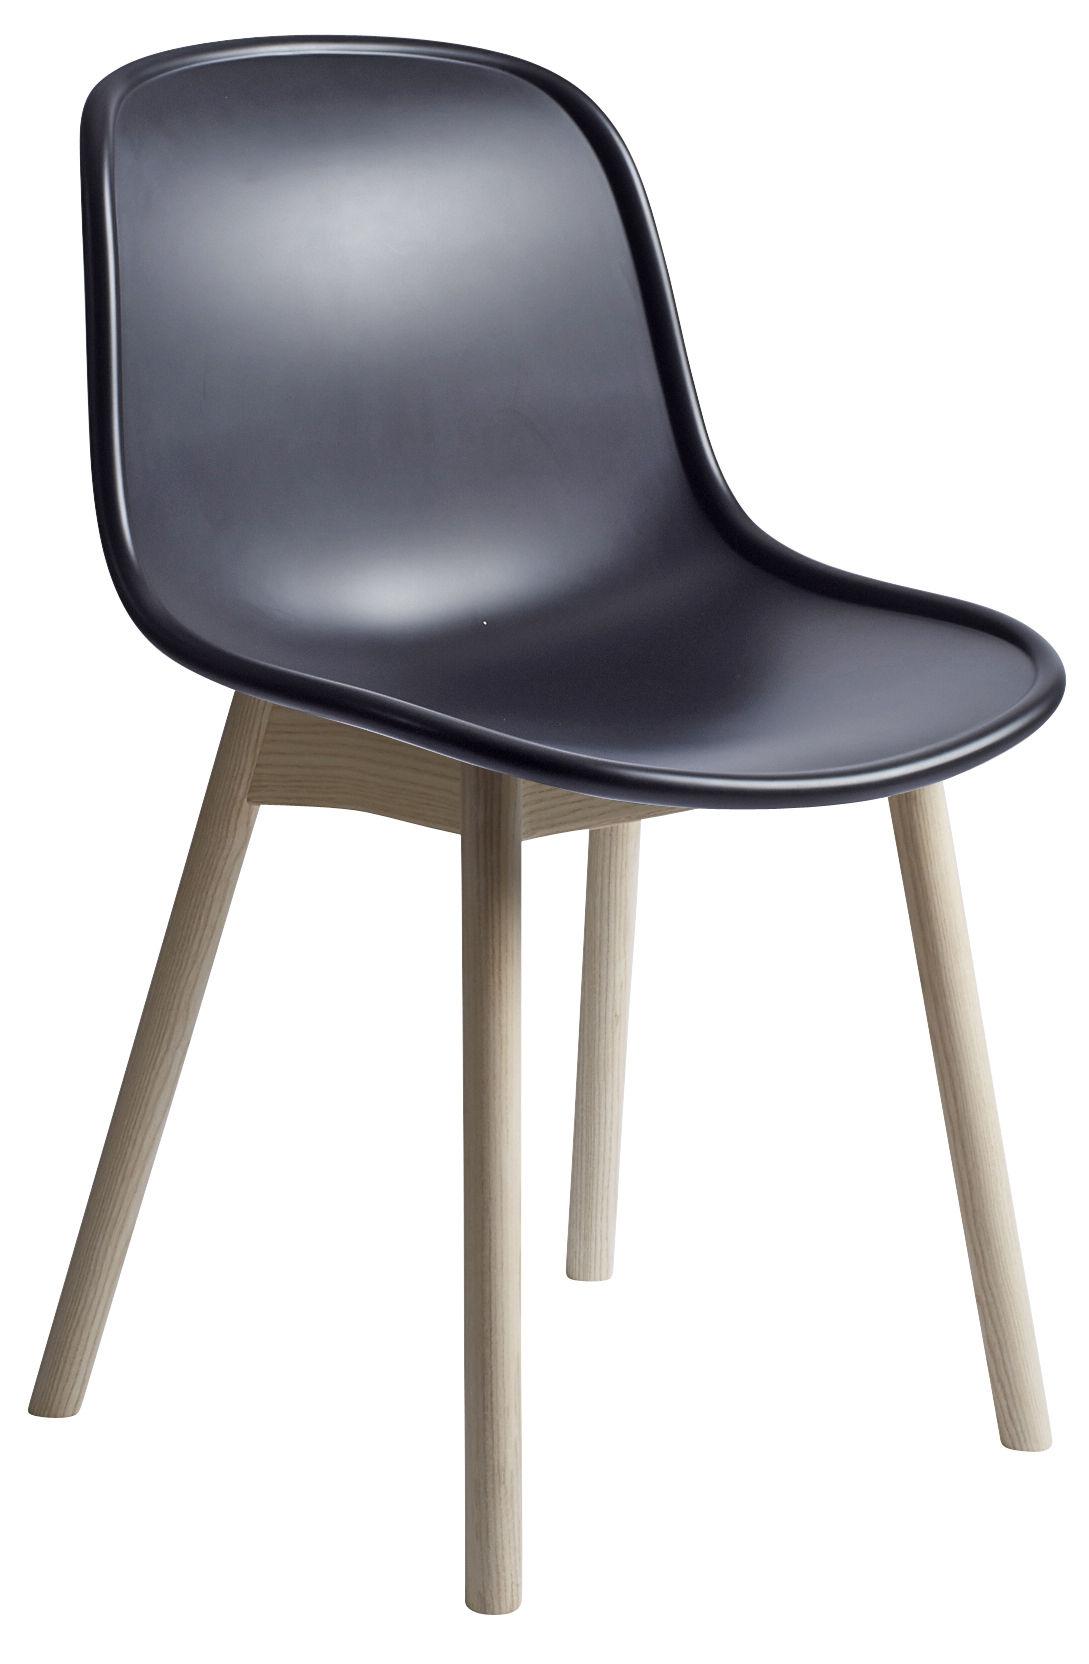 chaise neu plastique pieds bois noir pieds bois hay. Black Bedroom Furniture Sets. Home Design Ideas